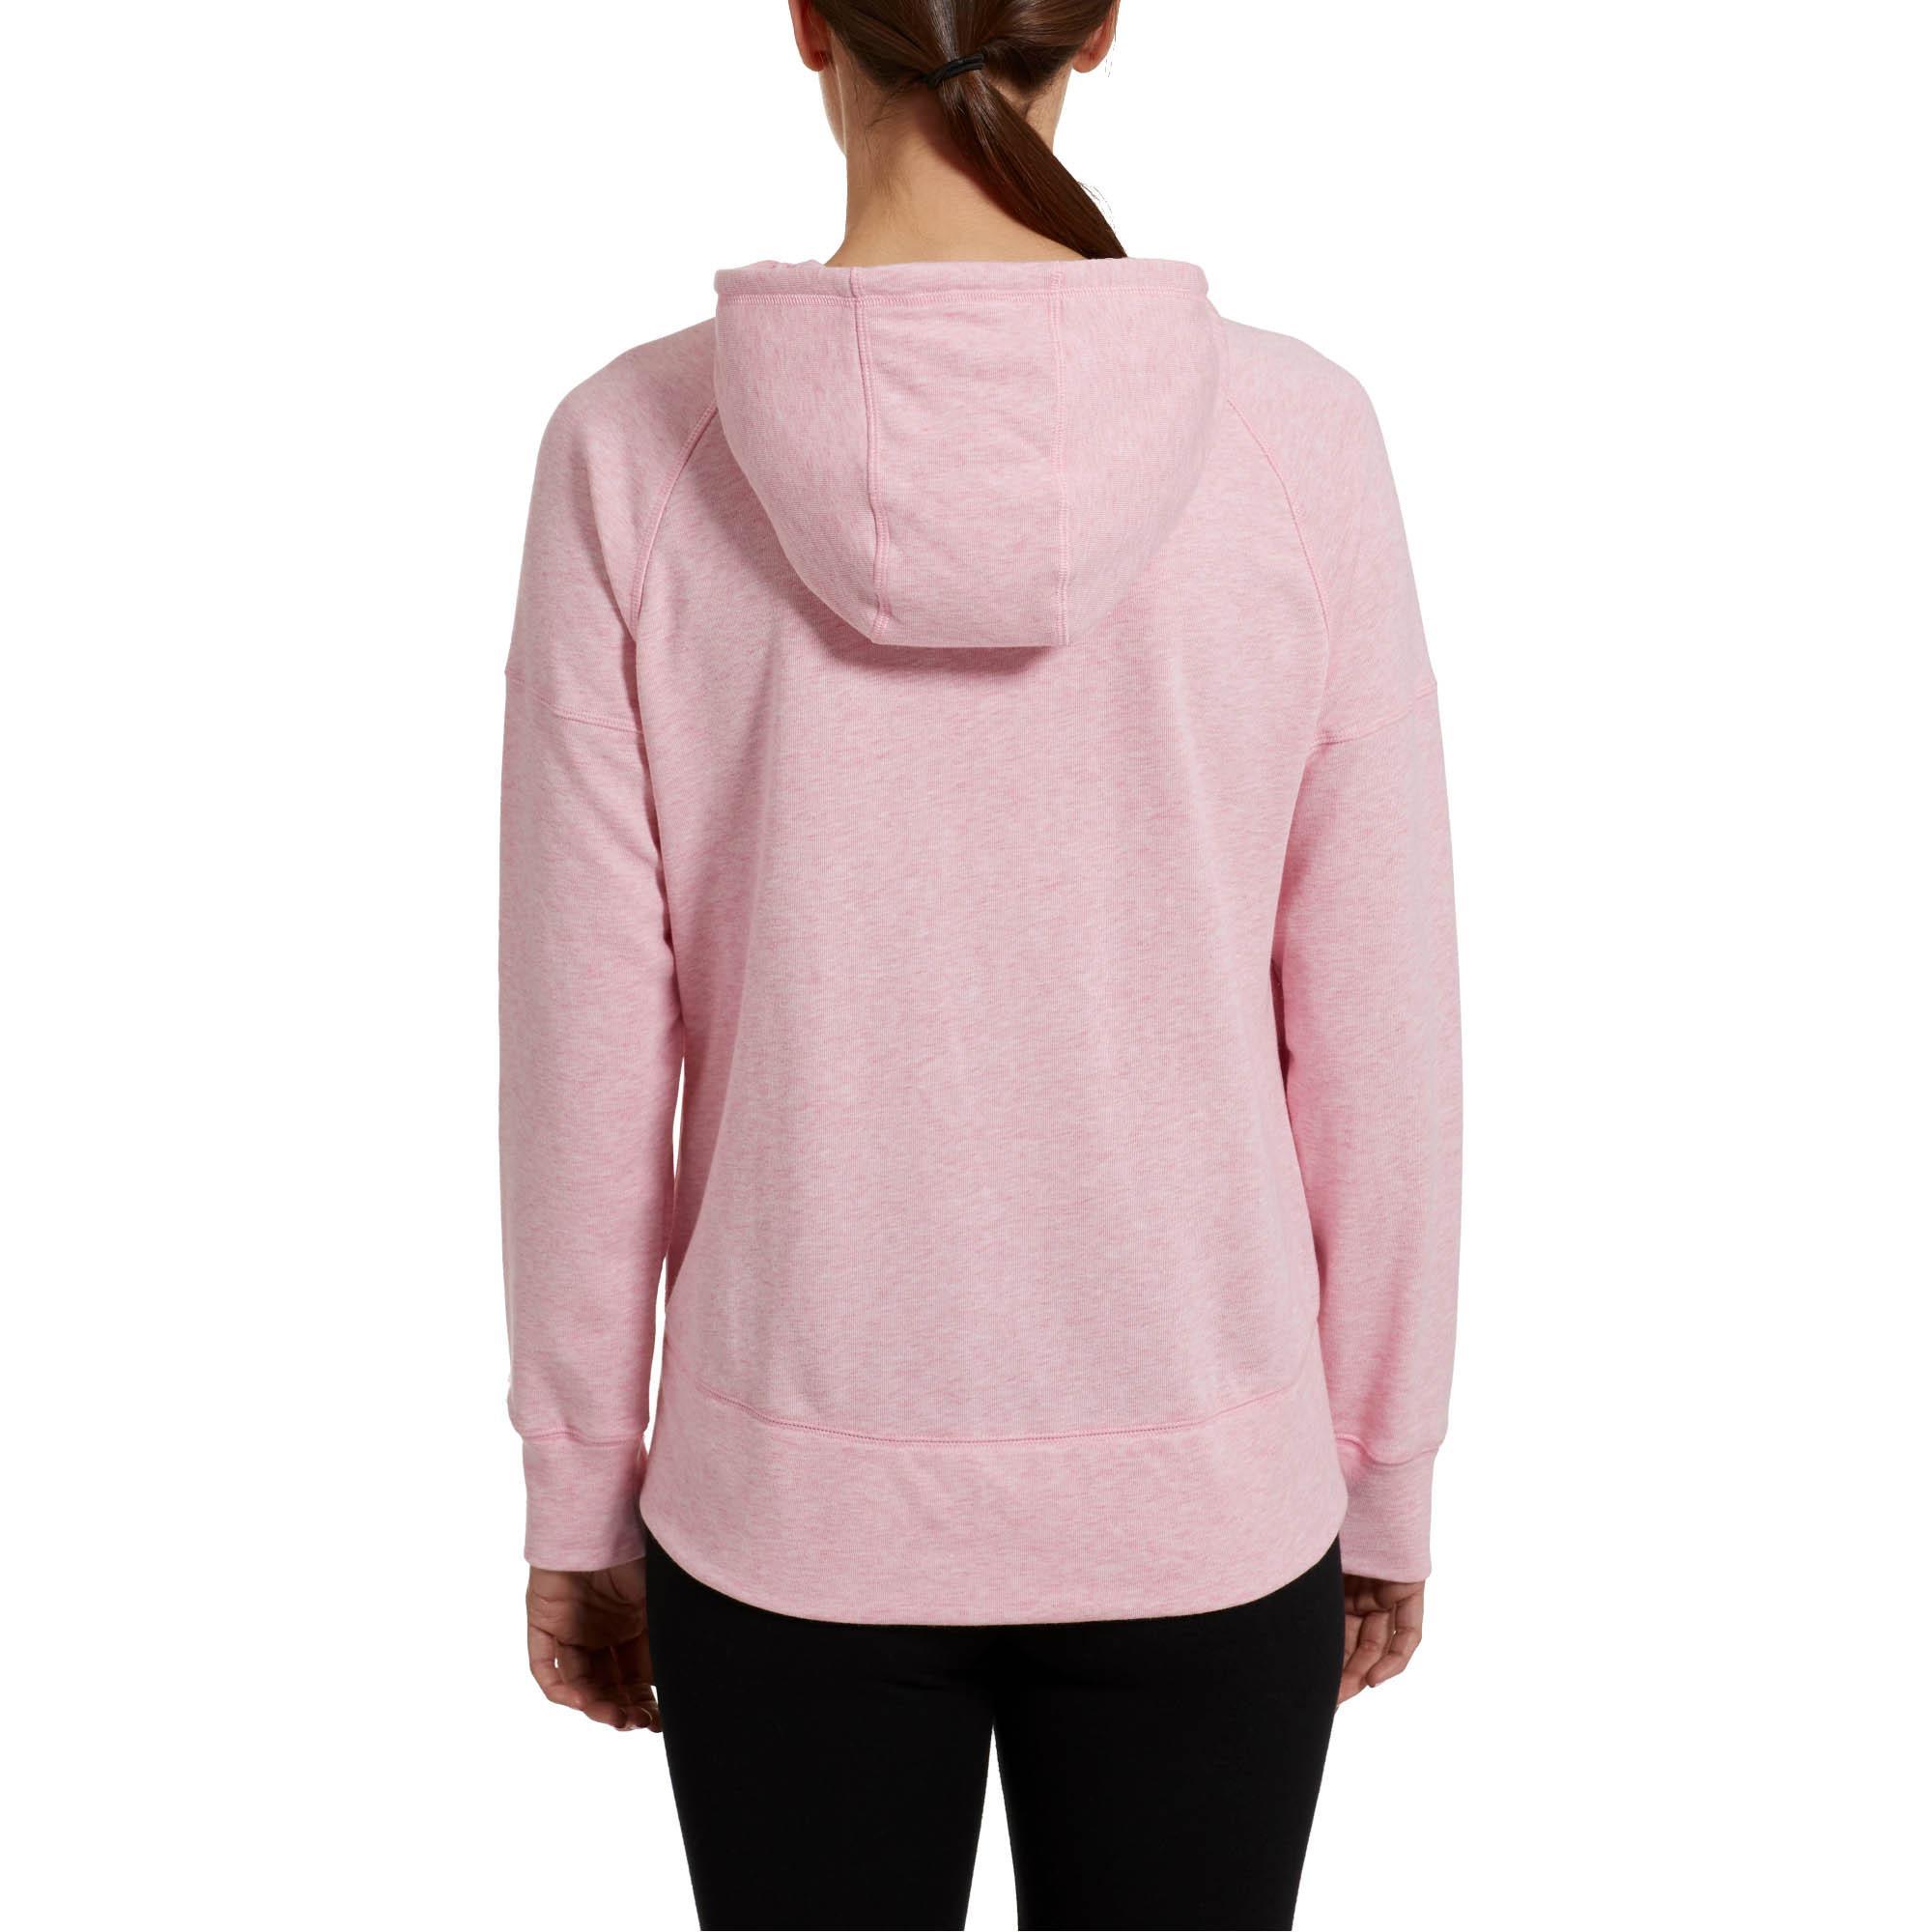 5f826b37592c PUMA - Pink Yogini Women s Full Zip Jacket - Lyst. View fullscreen